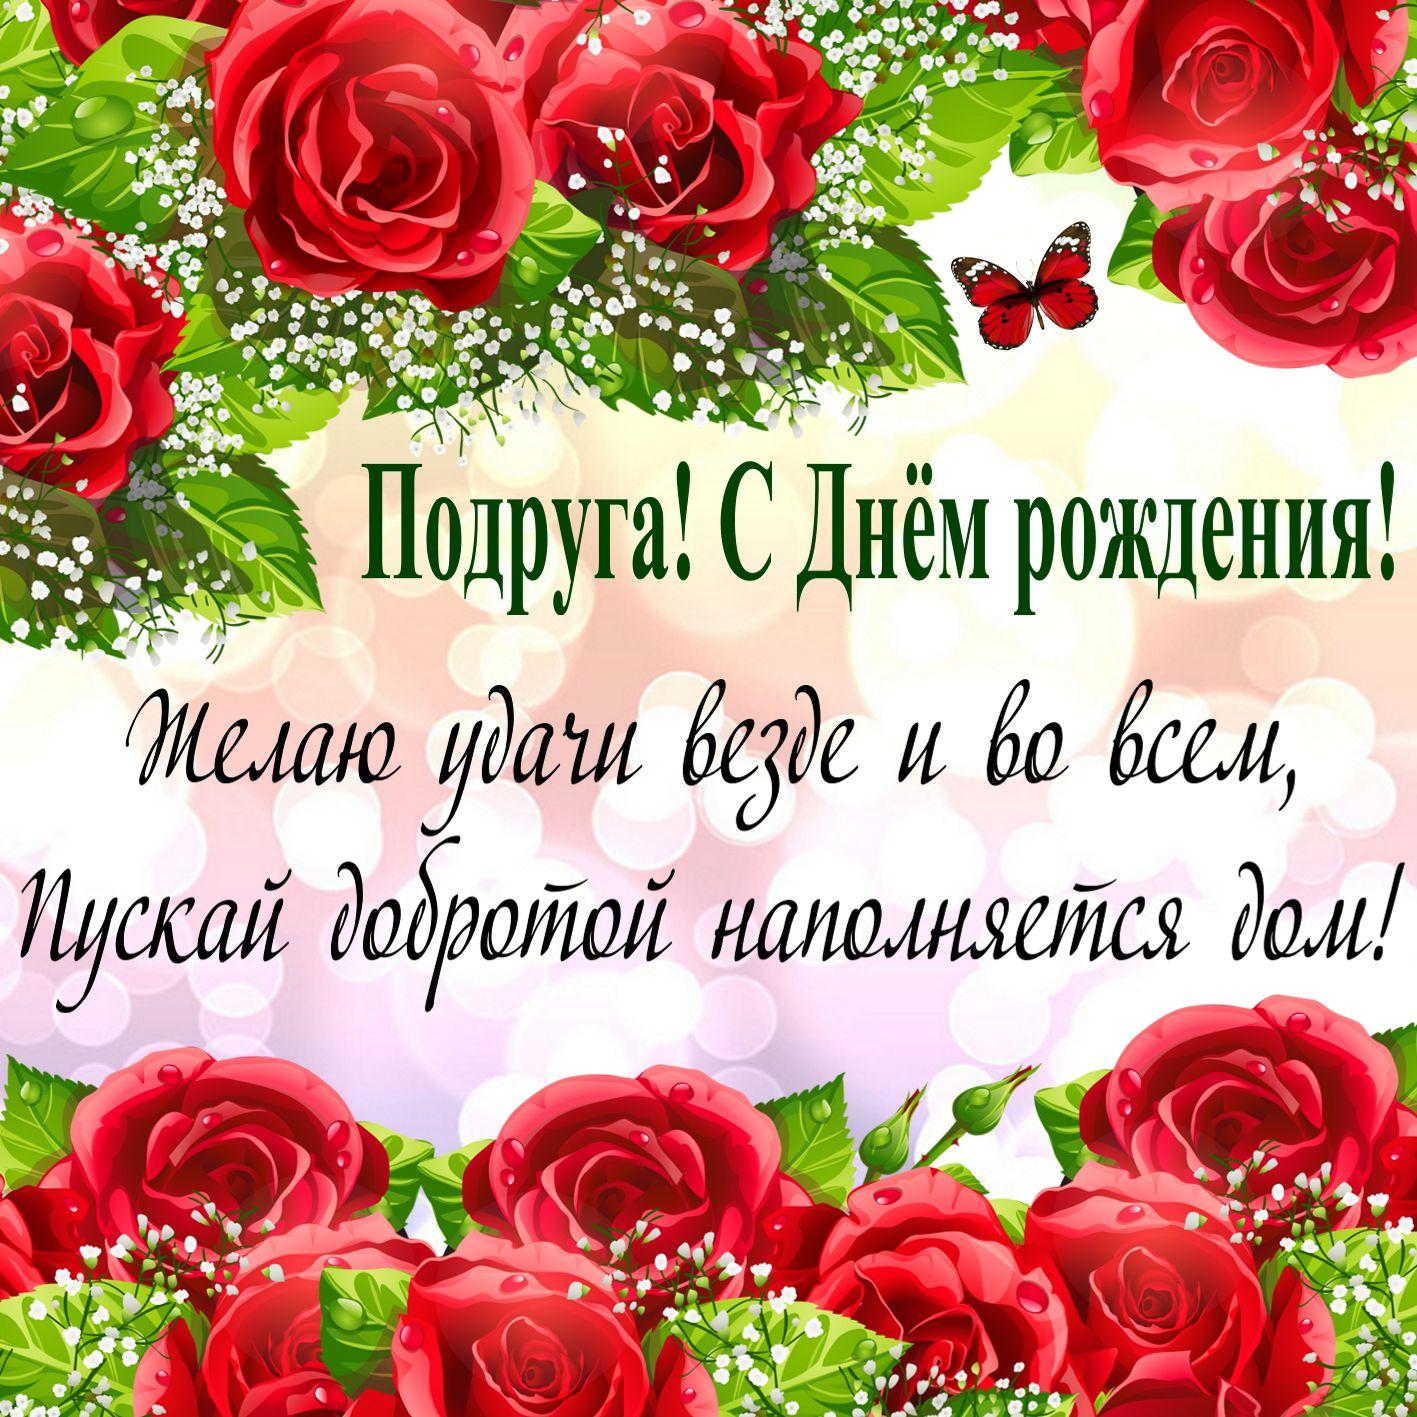 Открытка с Днём рождения подруге - пожелание в оформлении из красных роз